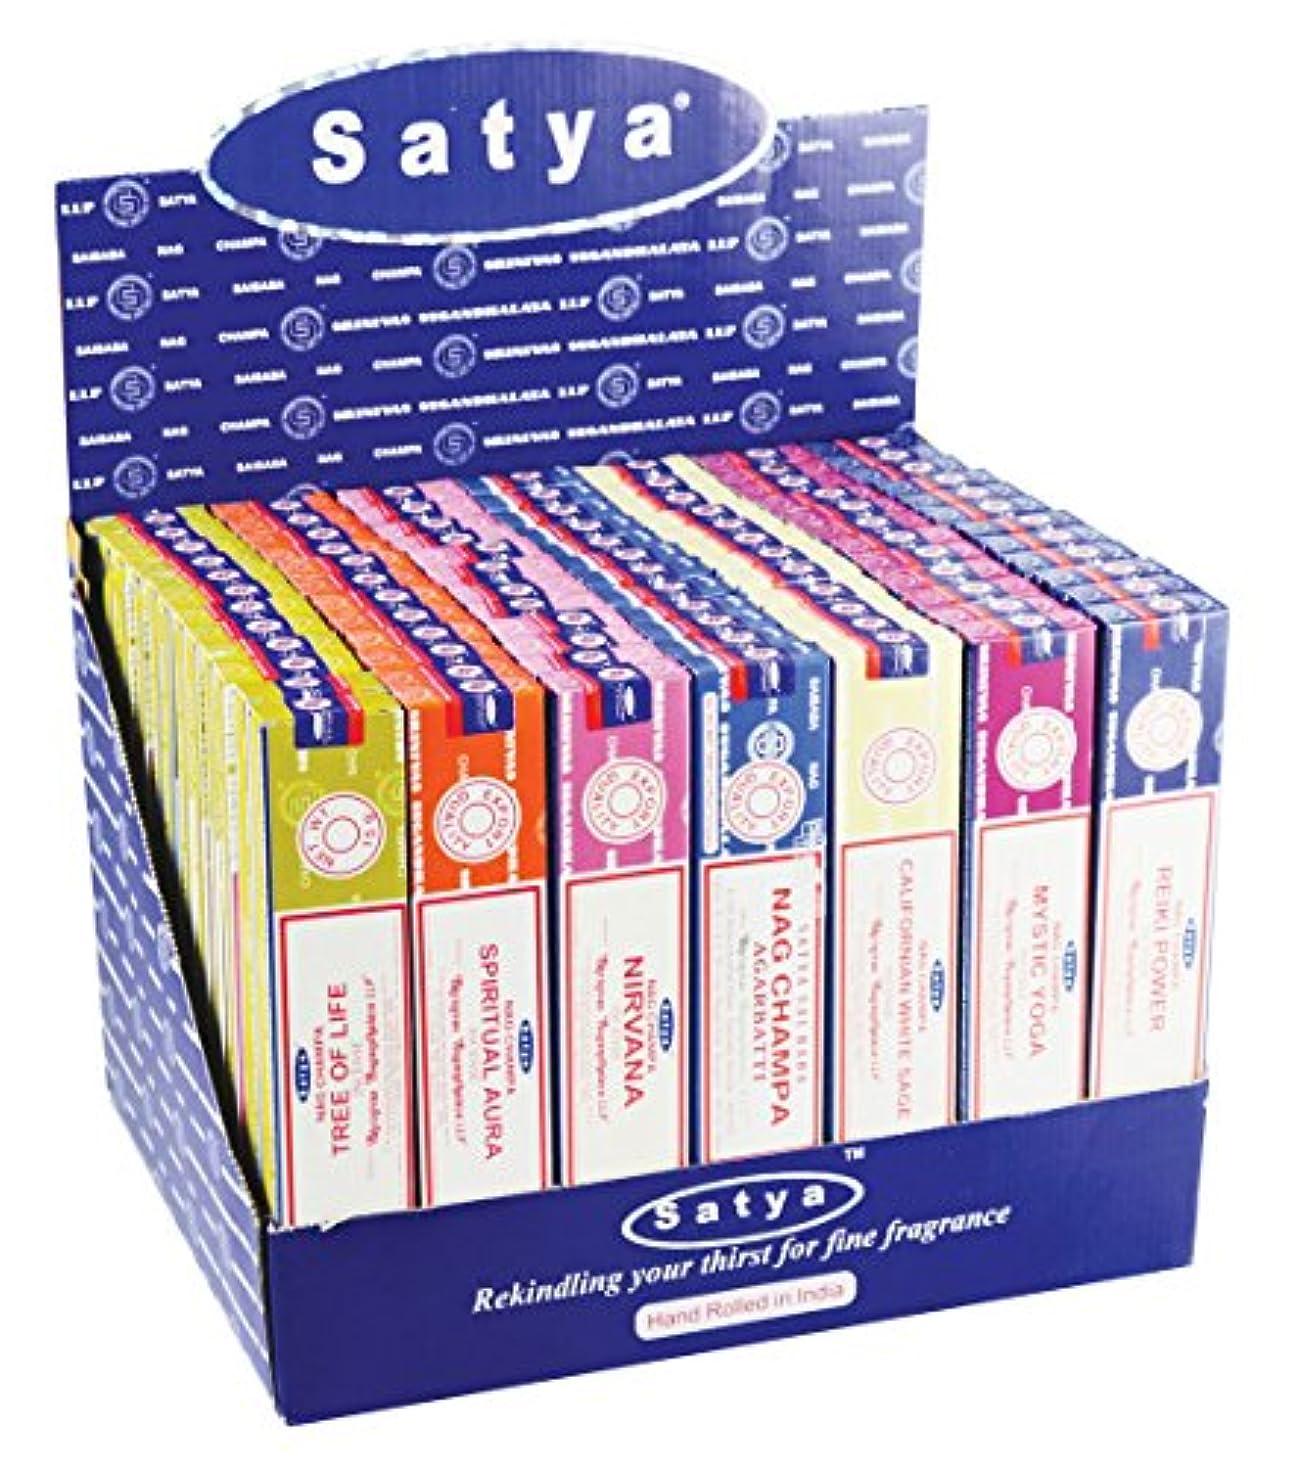 サスティーン影響力のある先入観84pc表示 – Satya Incense VFMシリーズ2 – 15 gm/Assorted